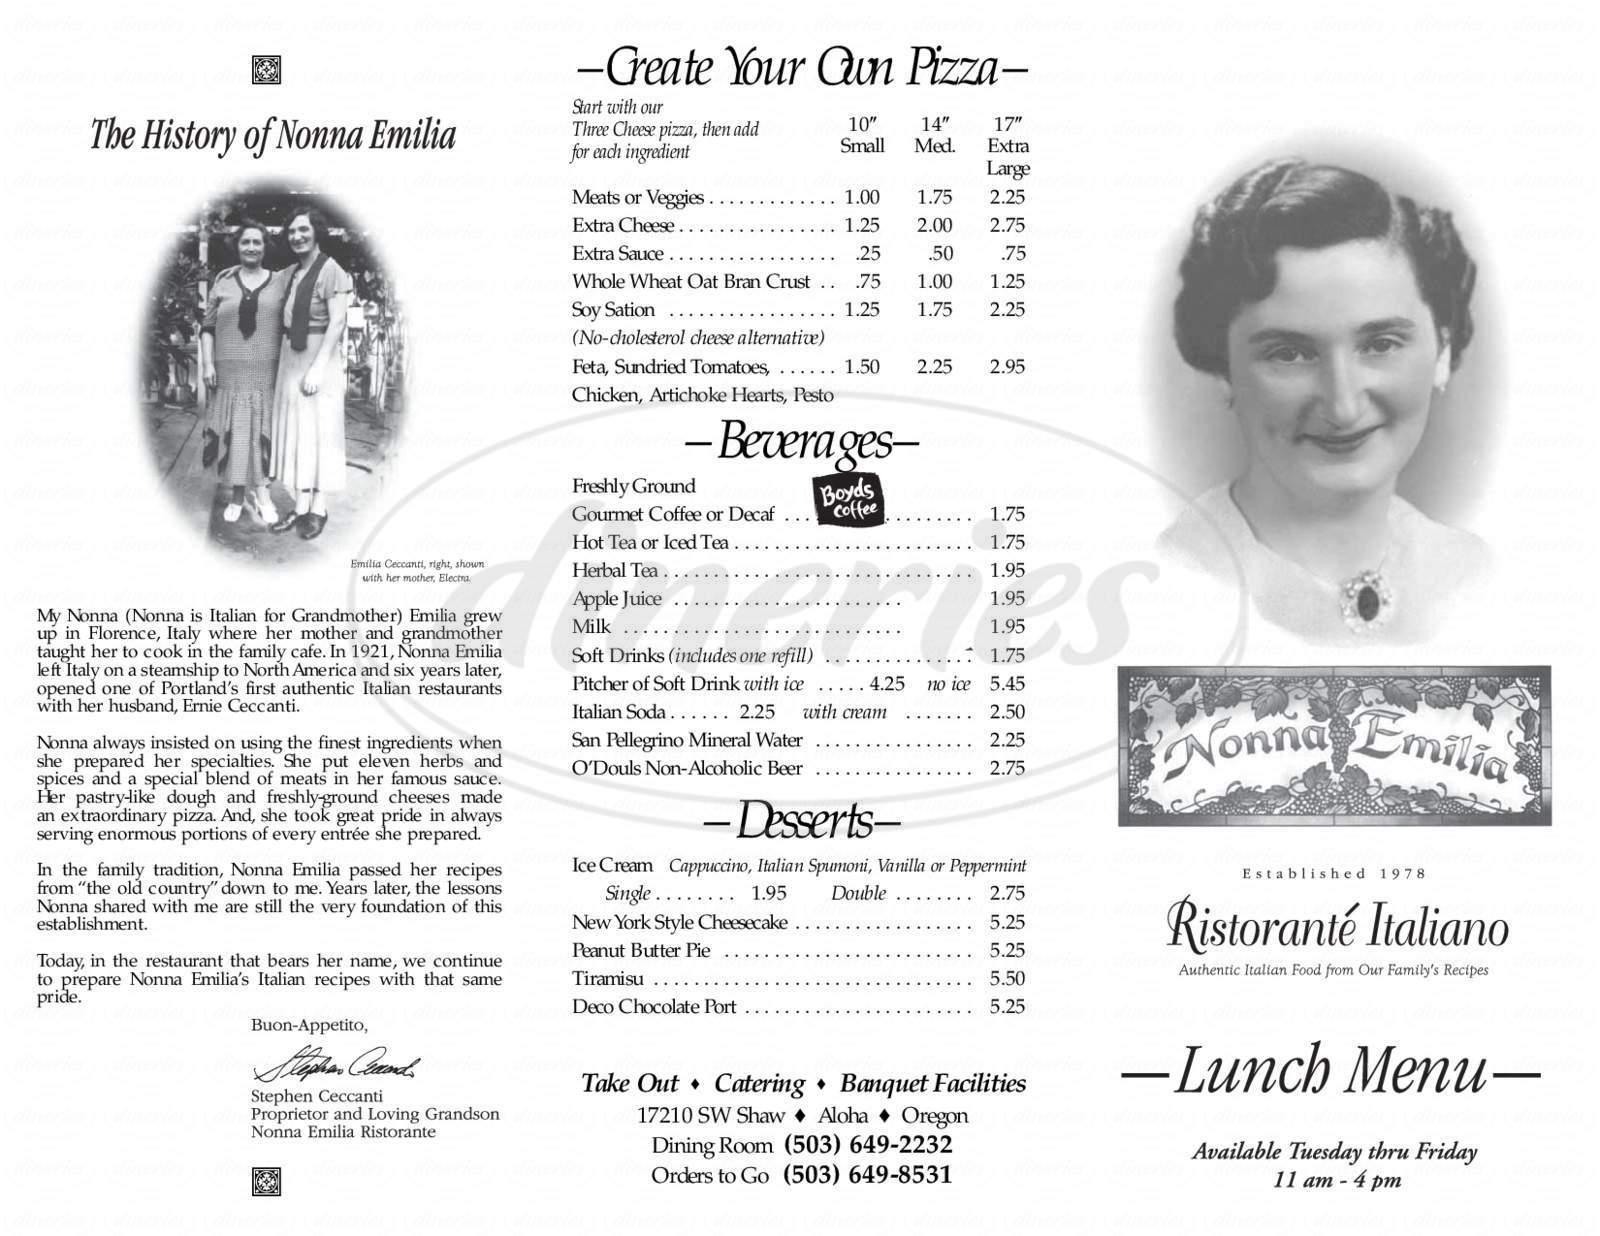 menu for Nonna Emilia Ristorante Italiano